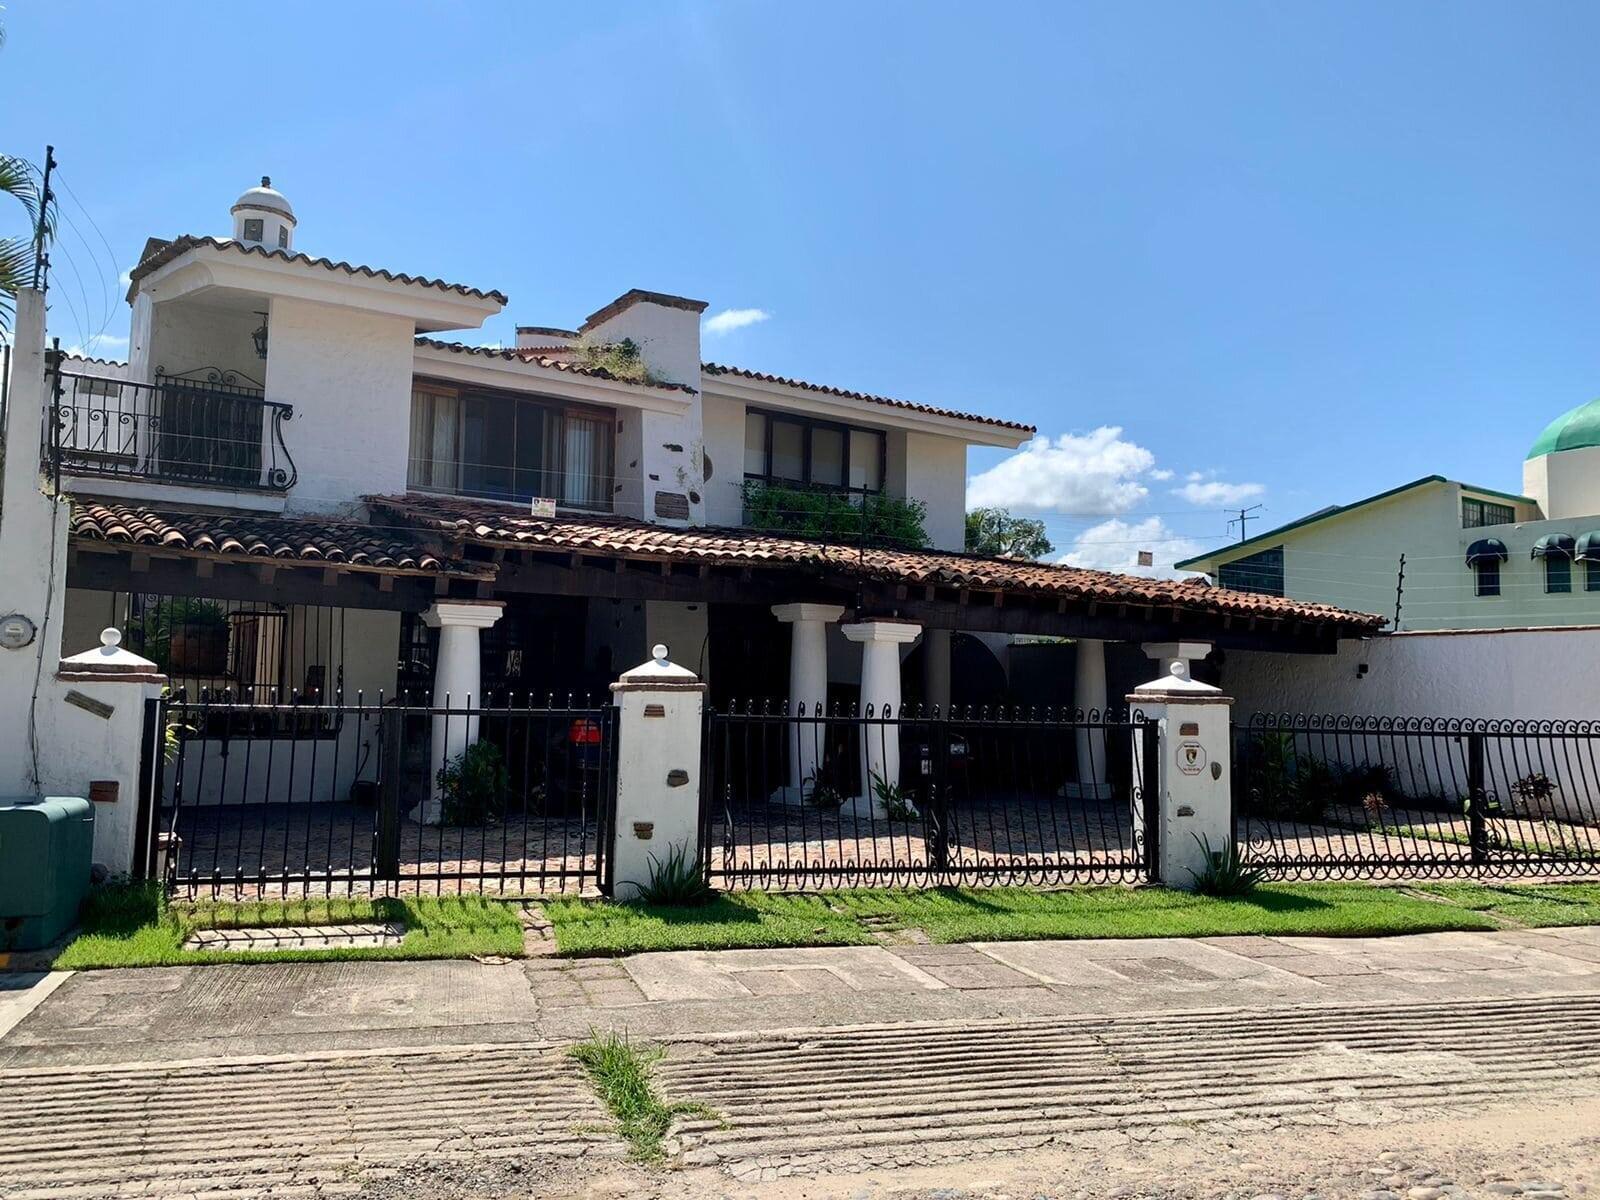 Casa Gaviotas Doradas